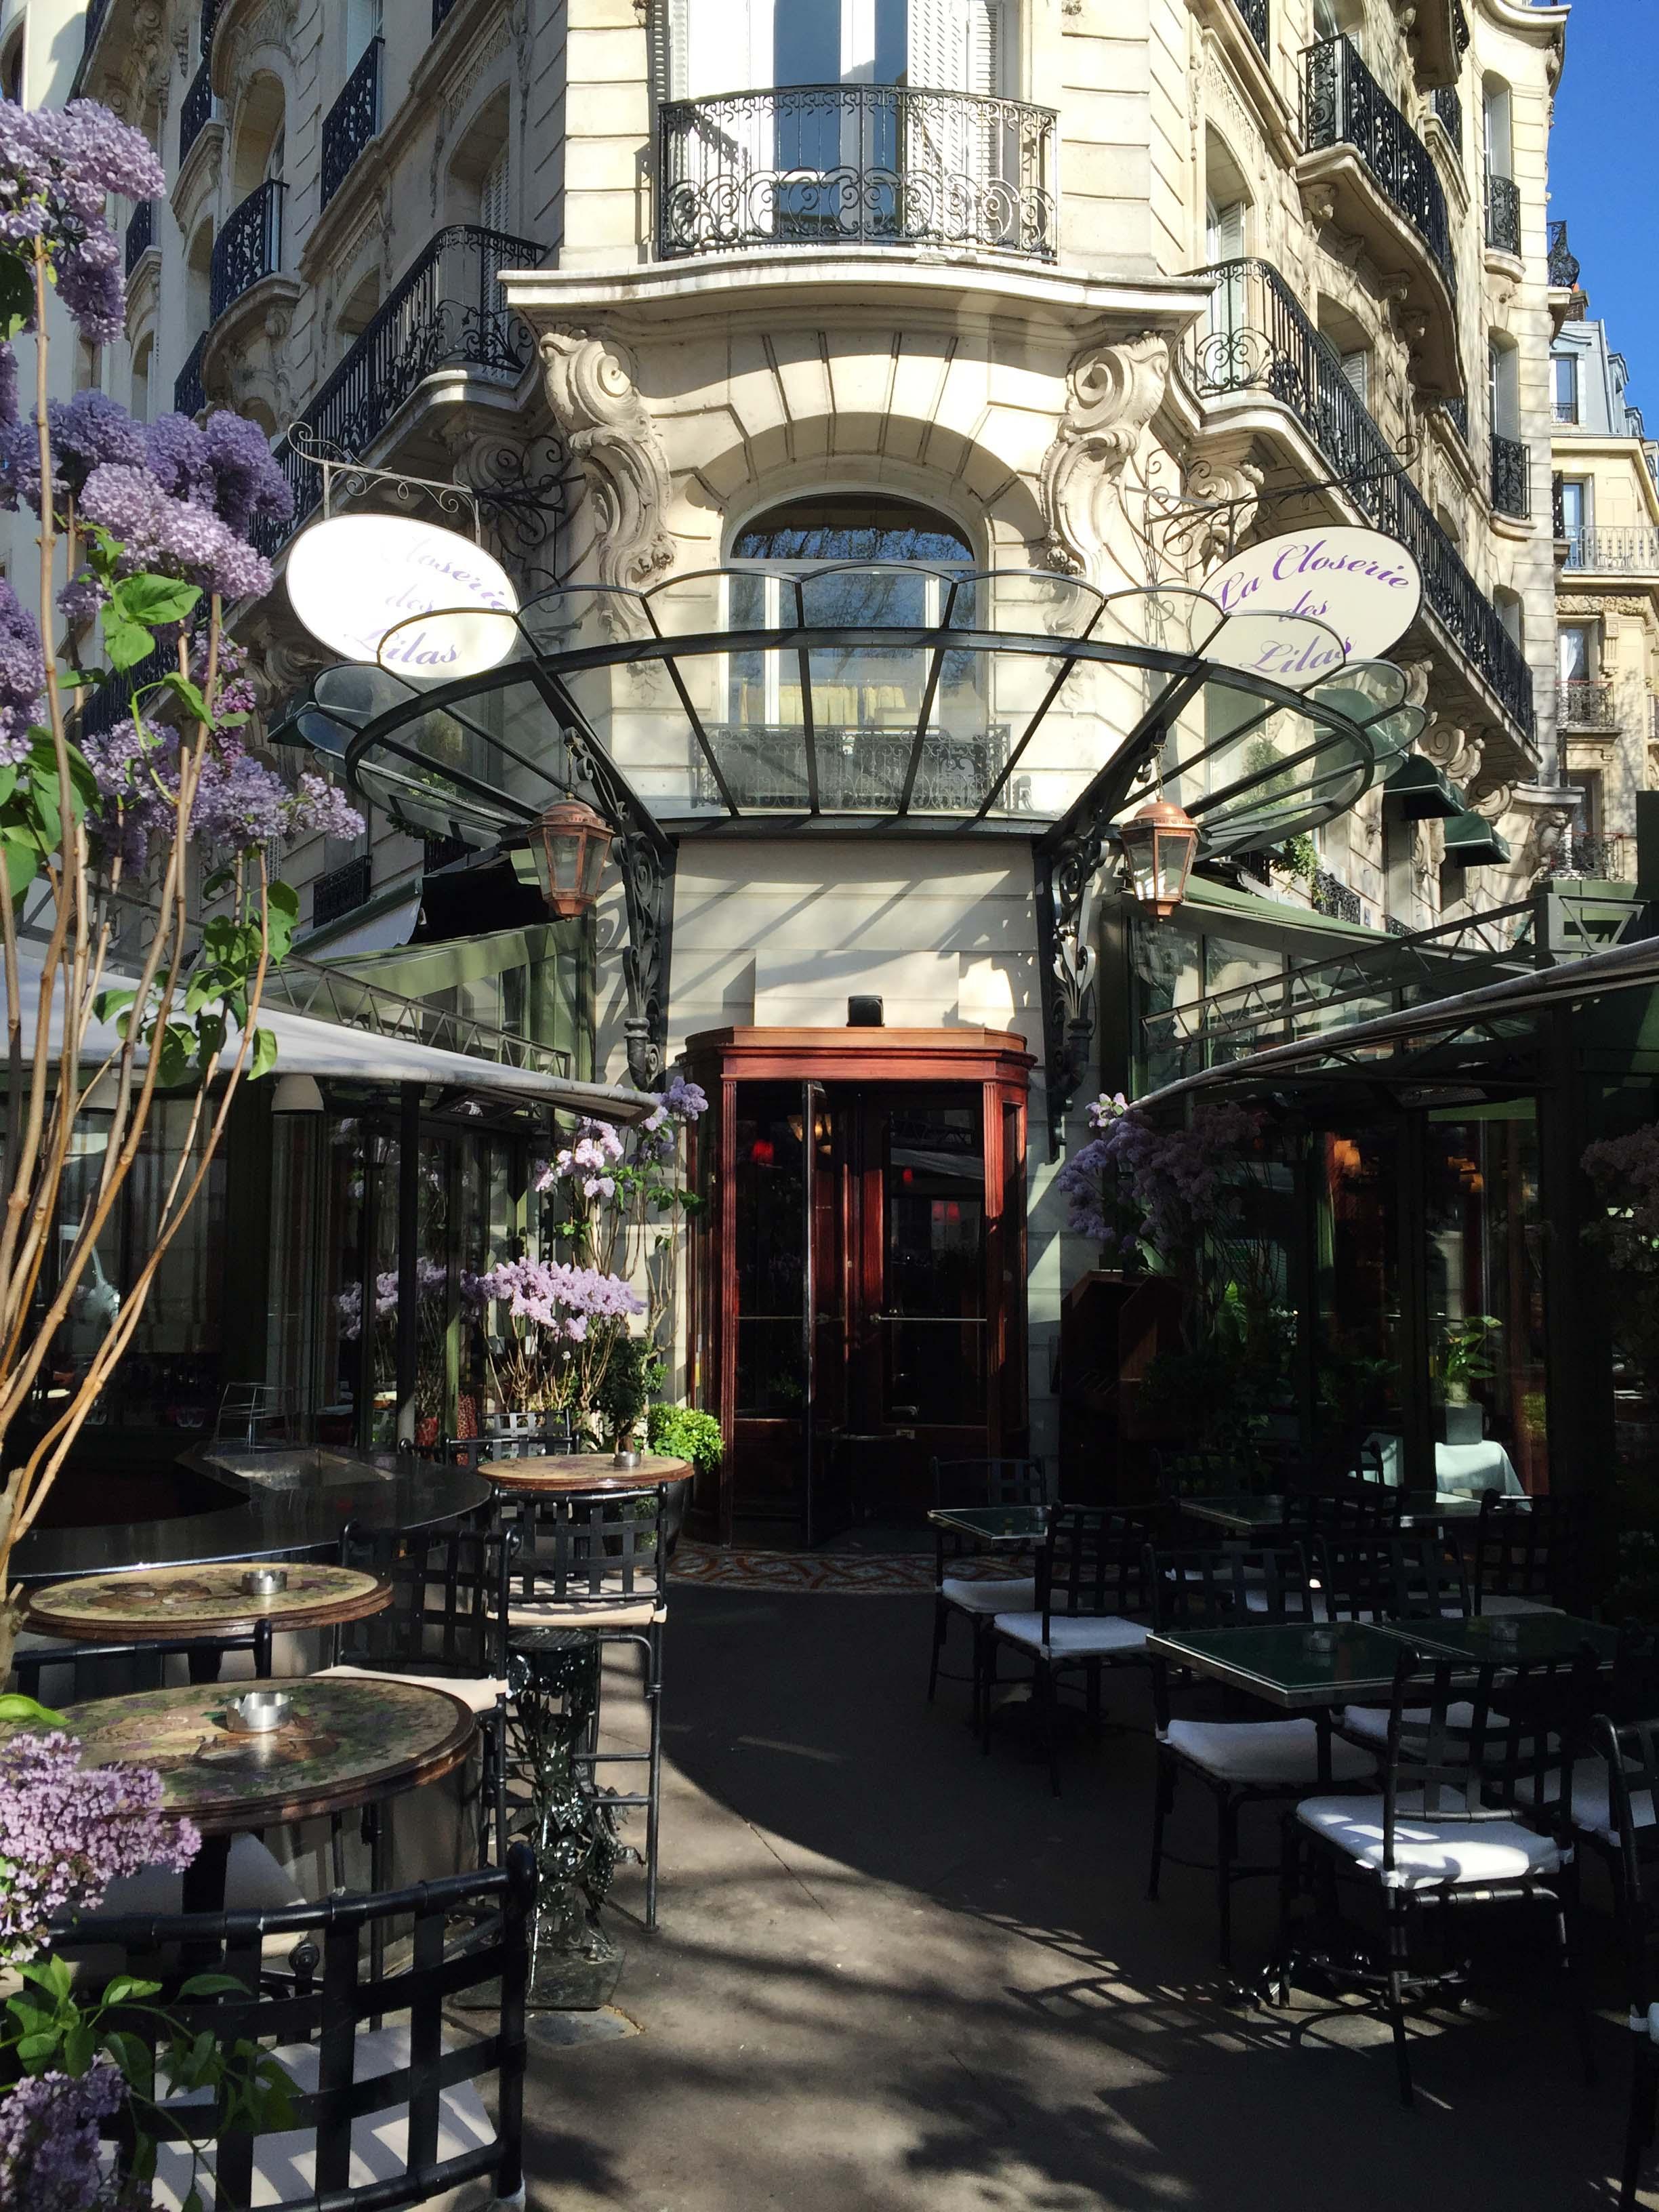 La Closerie des Lilas, 171 Boulevard du Montparnasse